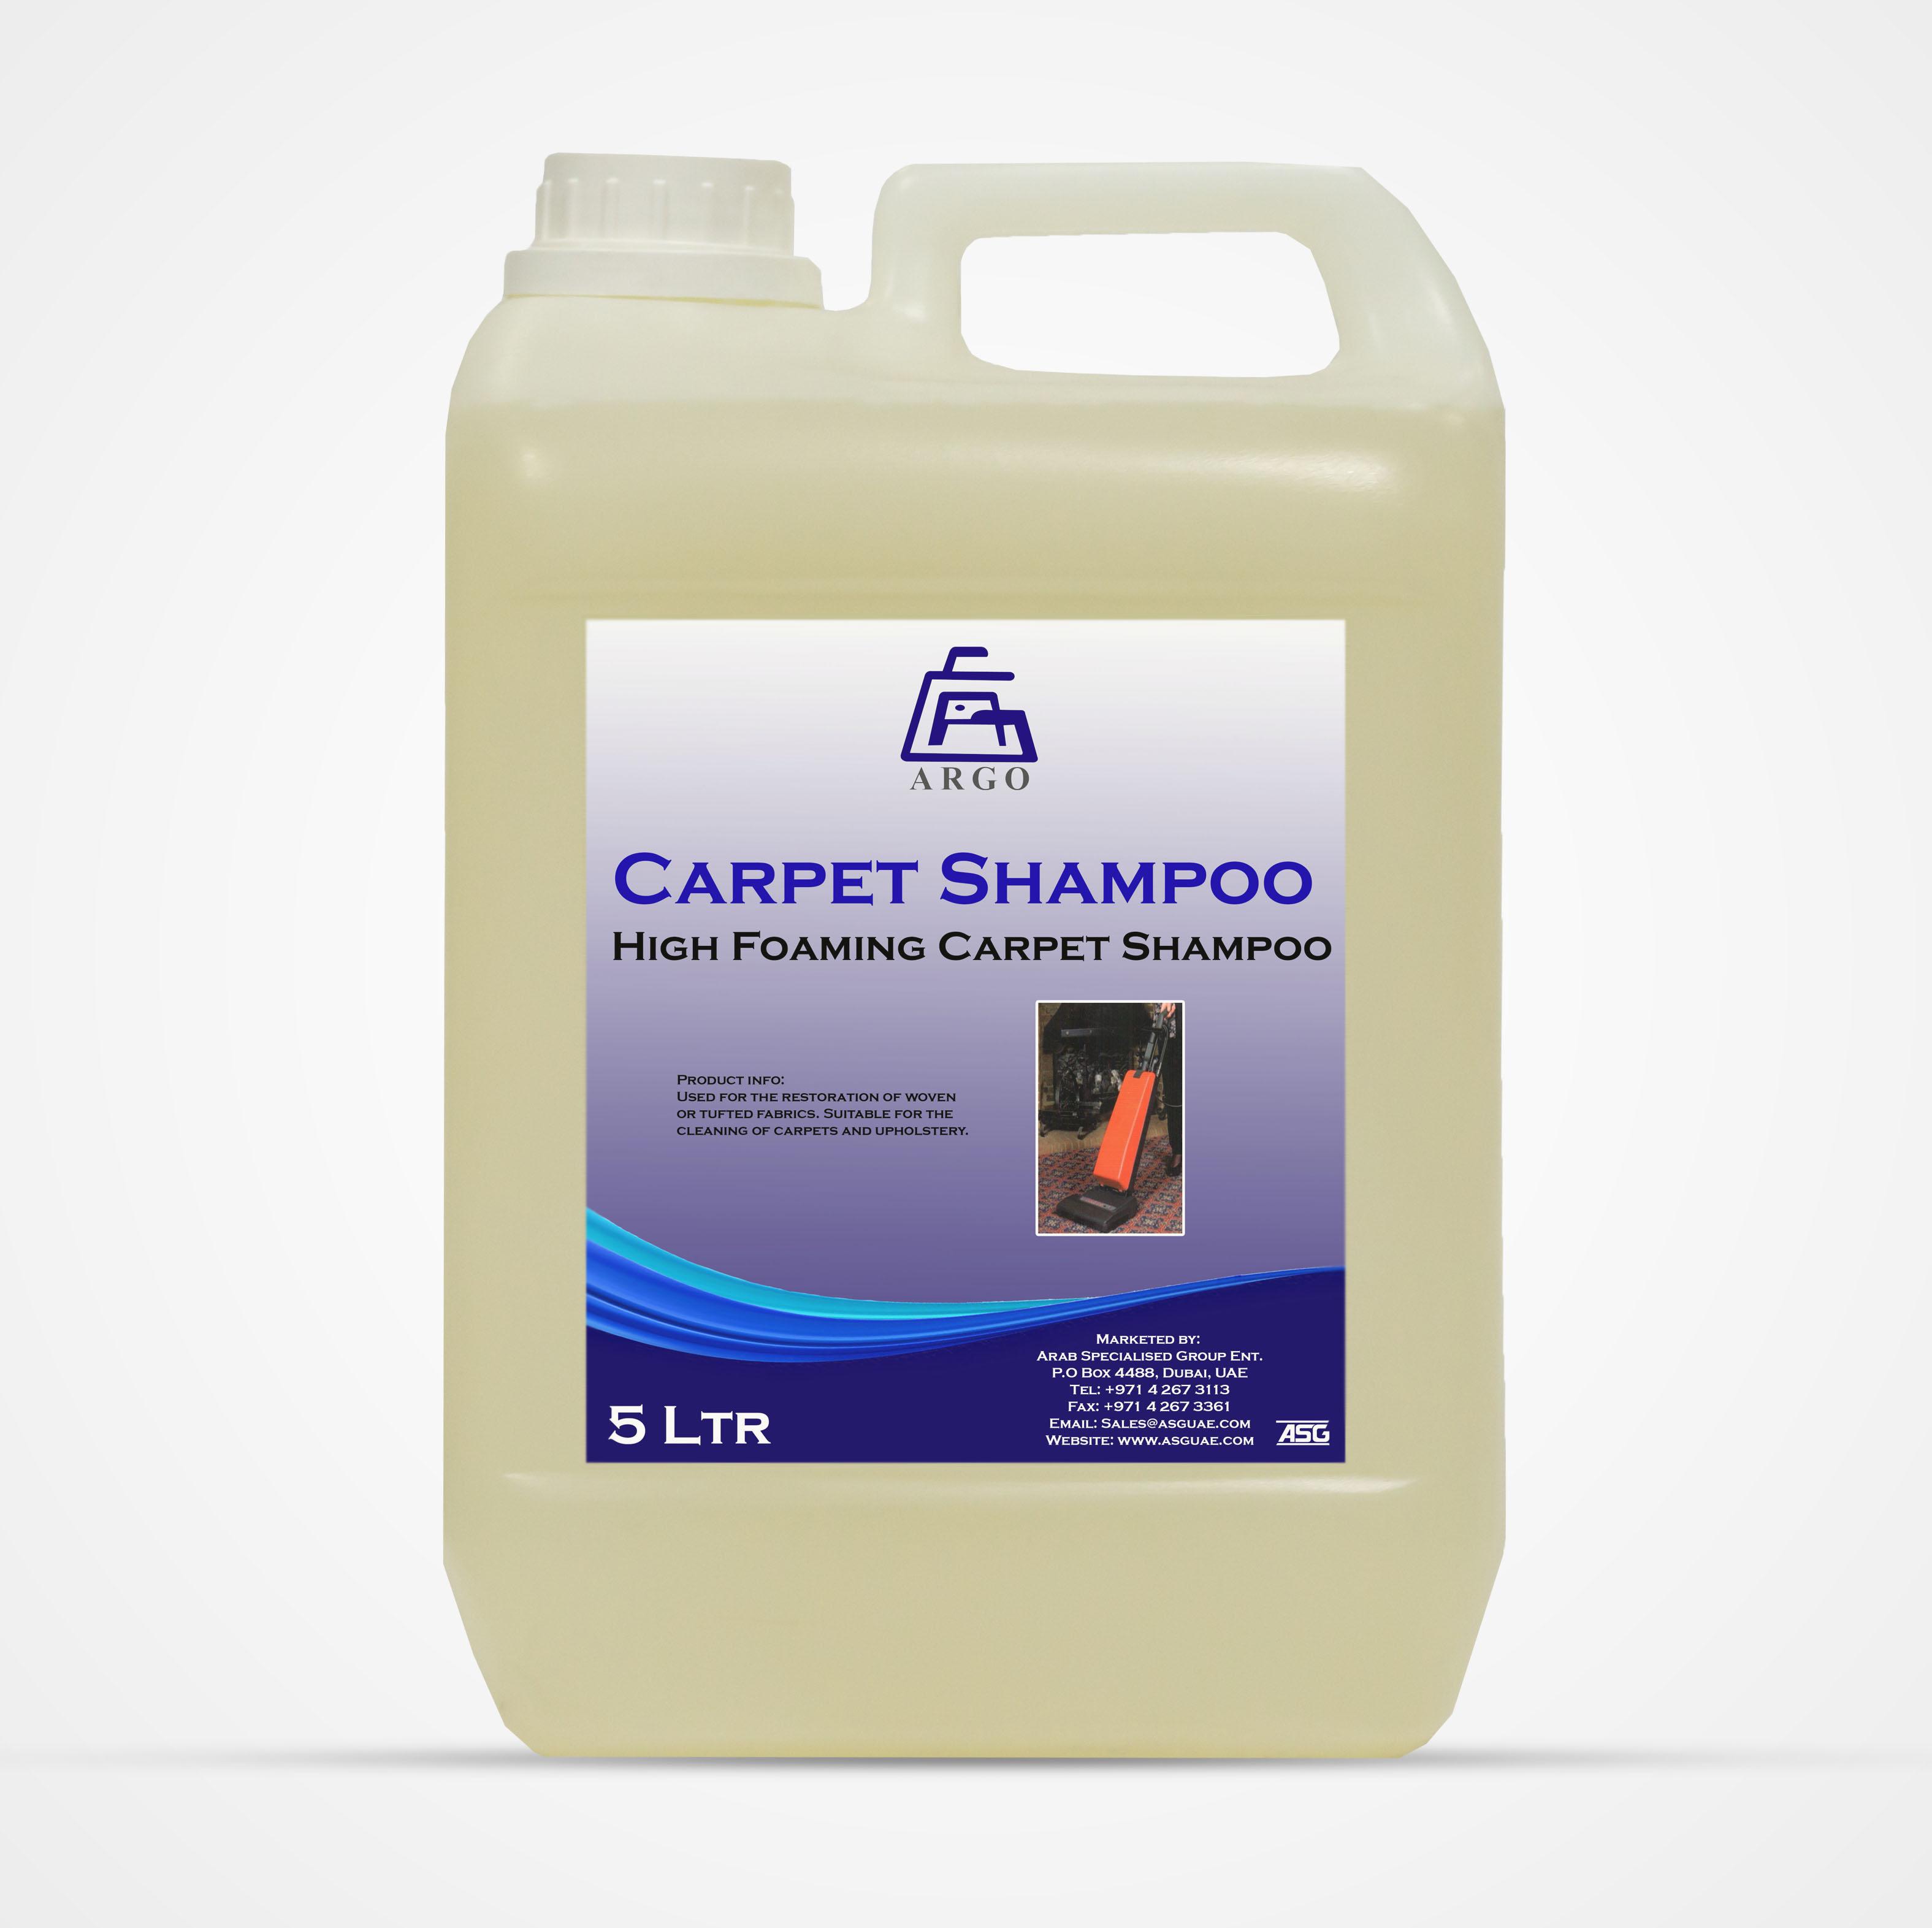 Carpet Shampoo 4500 Home Depot Carpet